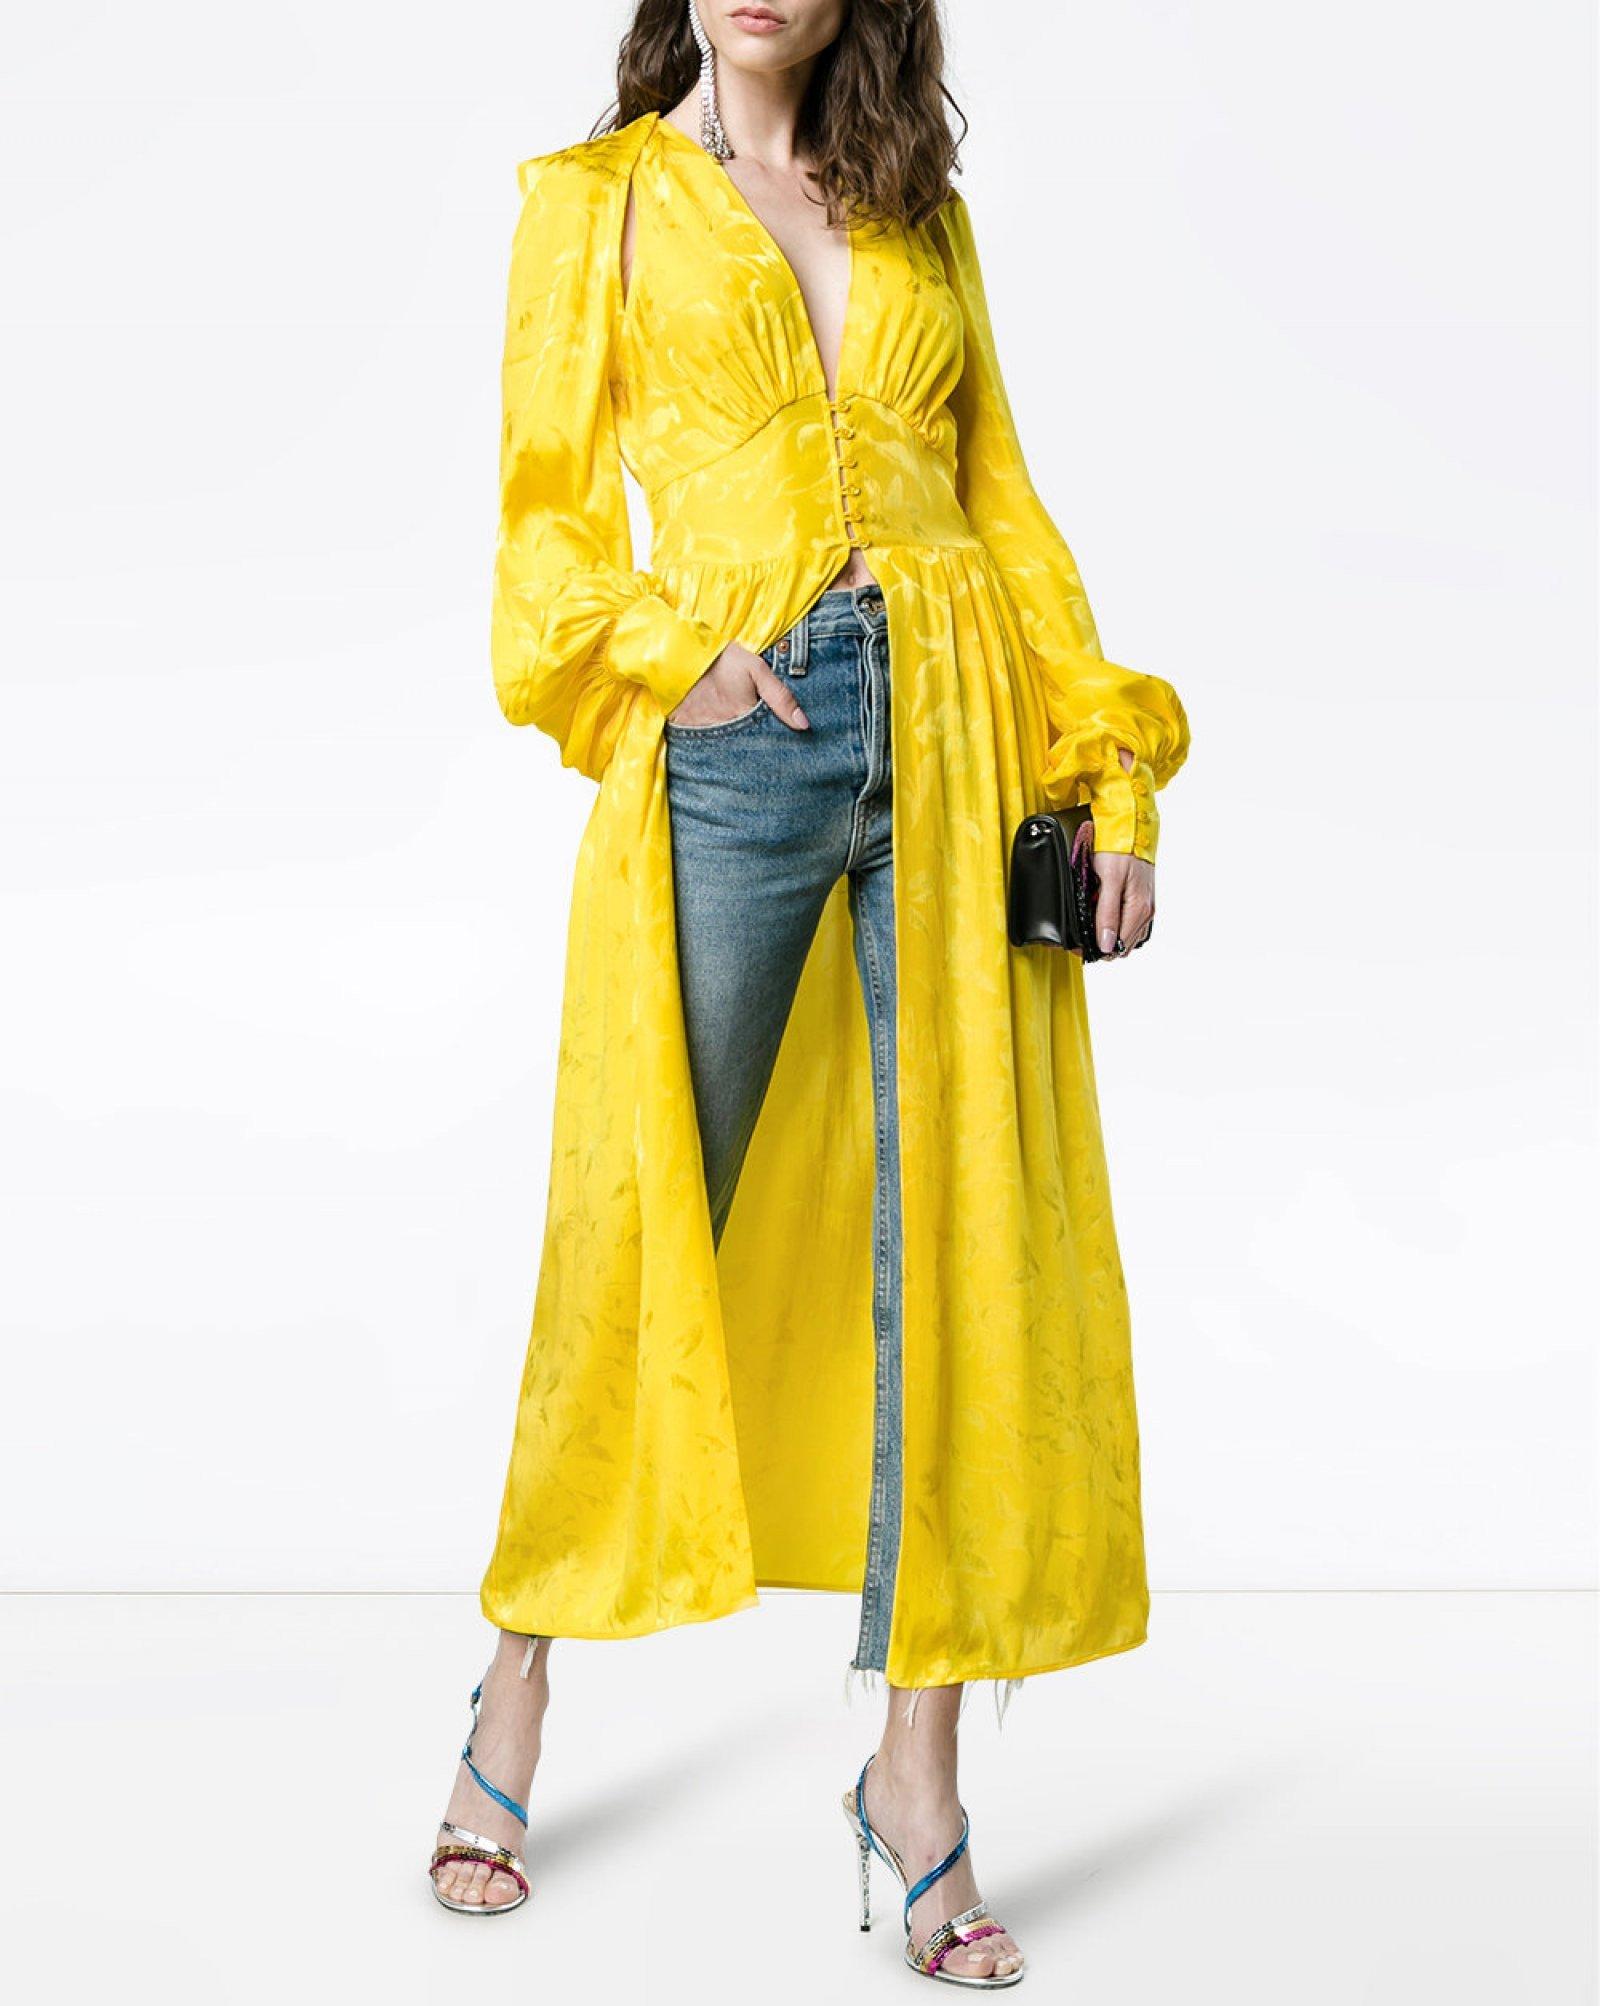 Vestido largo en amarillo de Attico cuyo precio es de 1.550 euros.